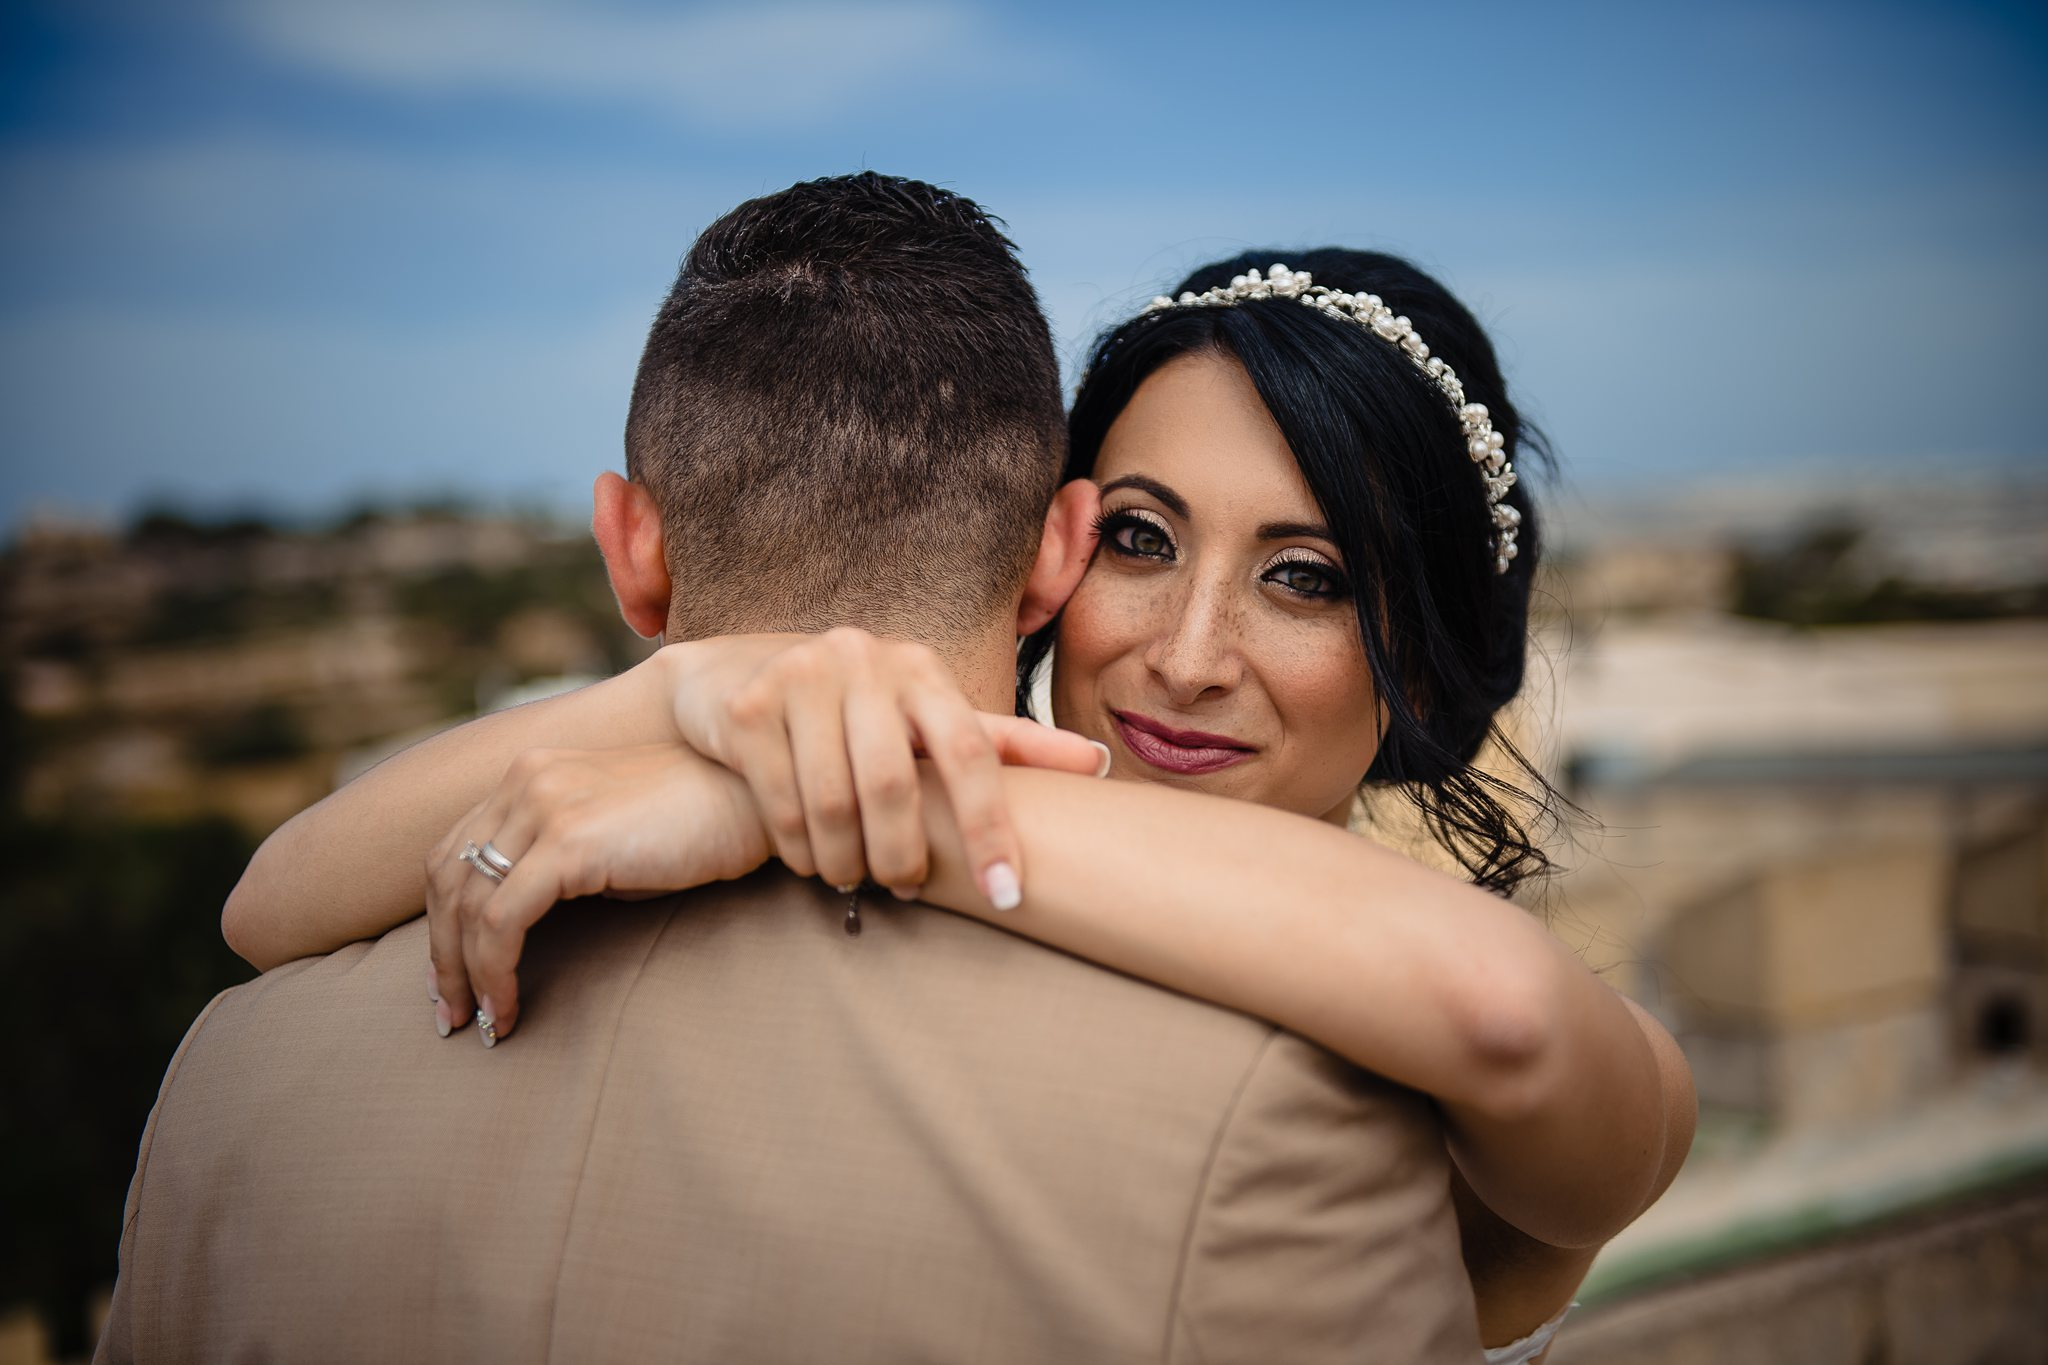 Analise & Sean | Wedding Photography Malta | Castello Dei Baroni